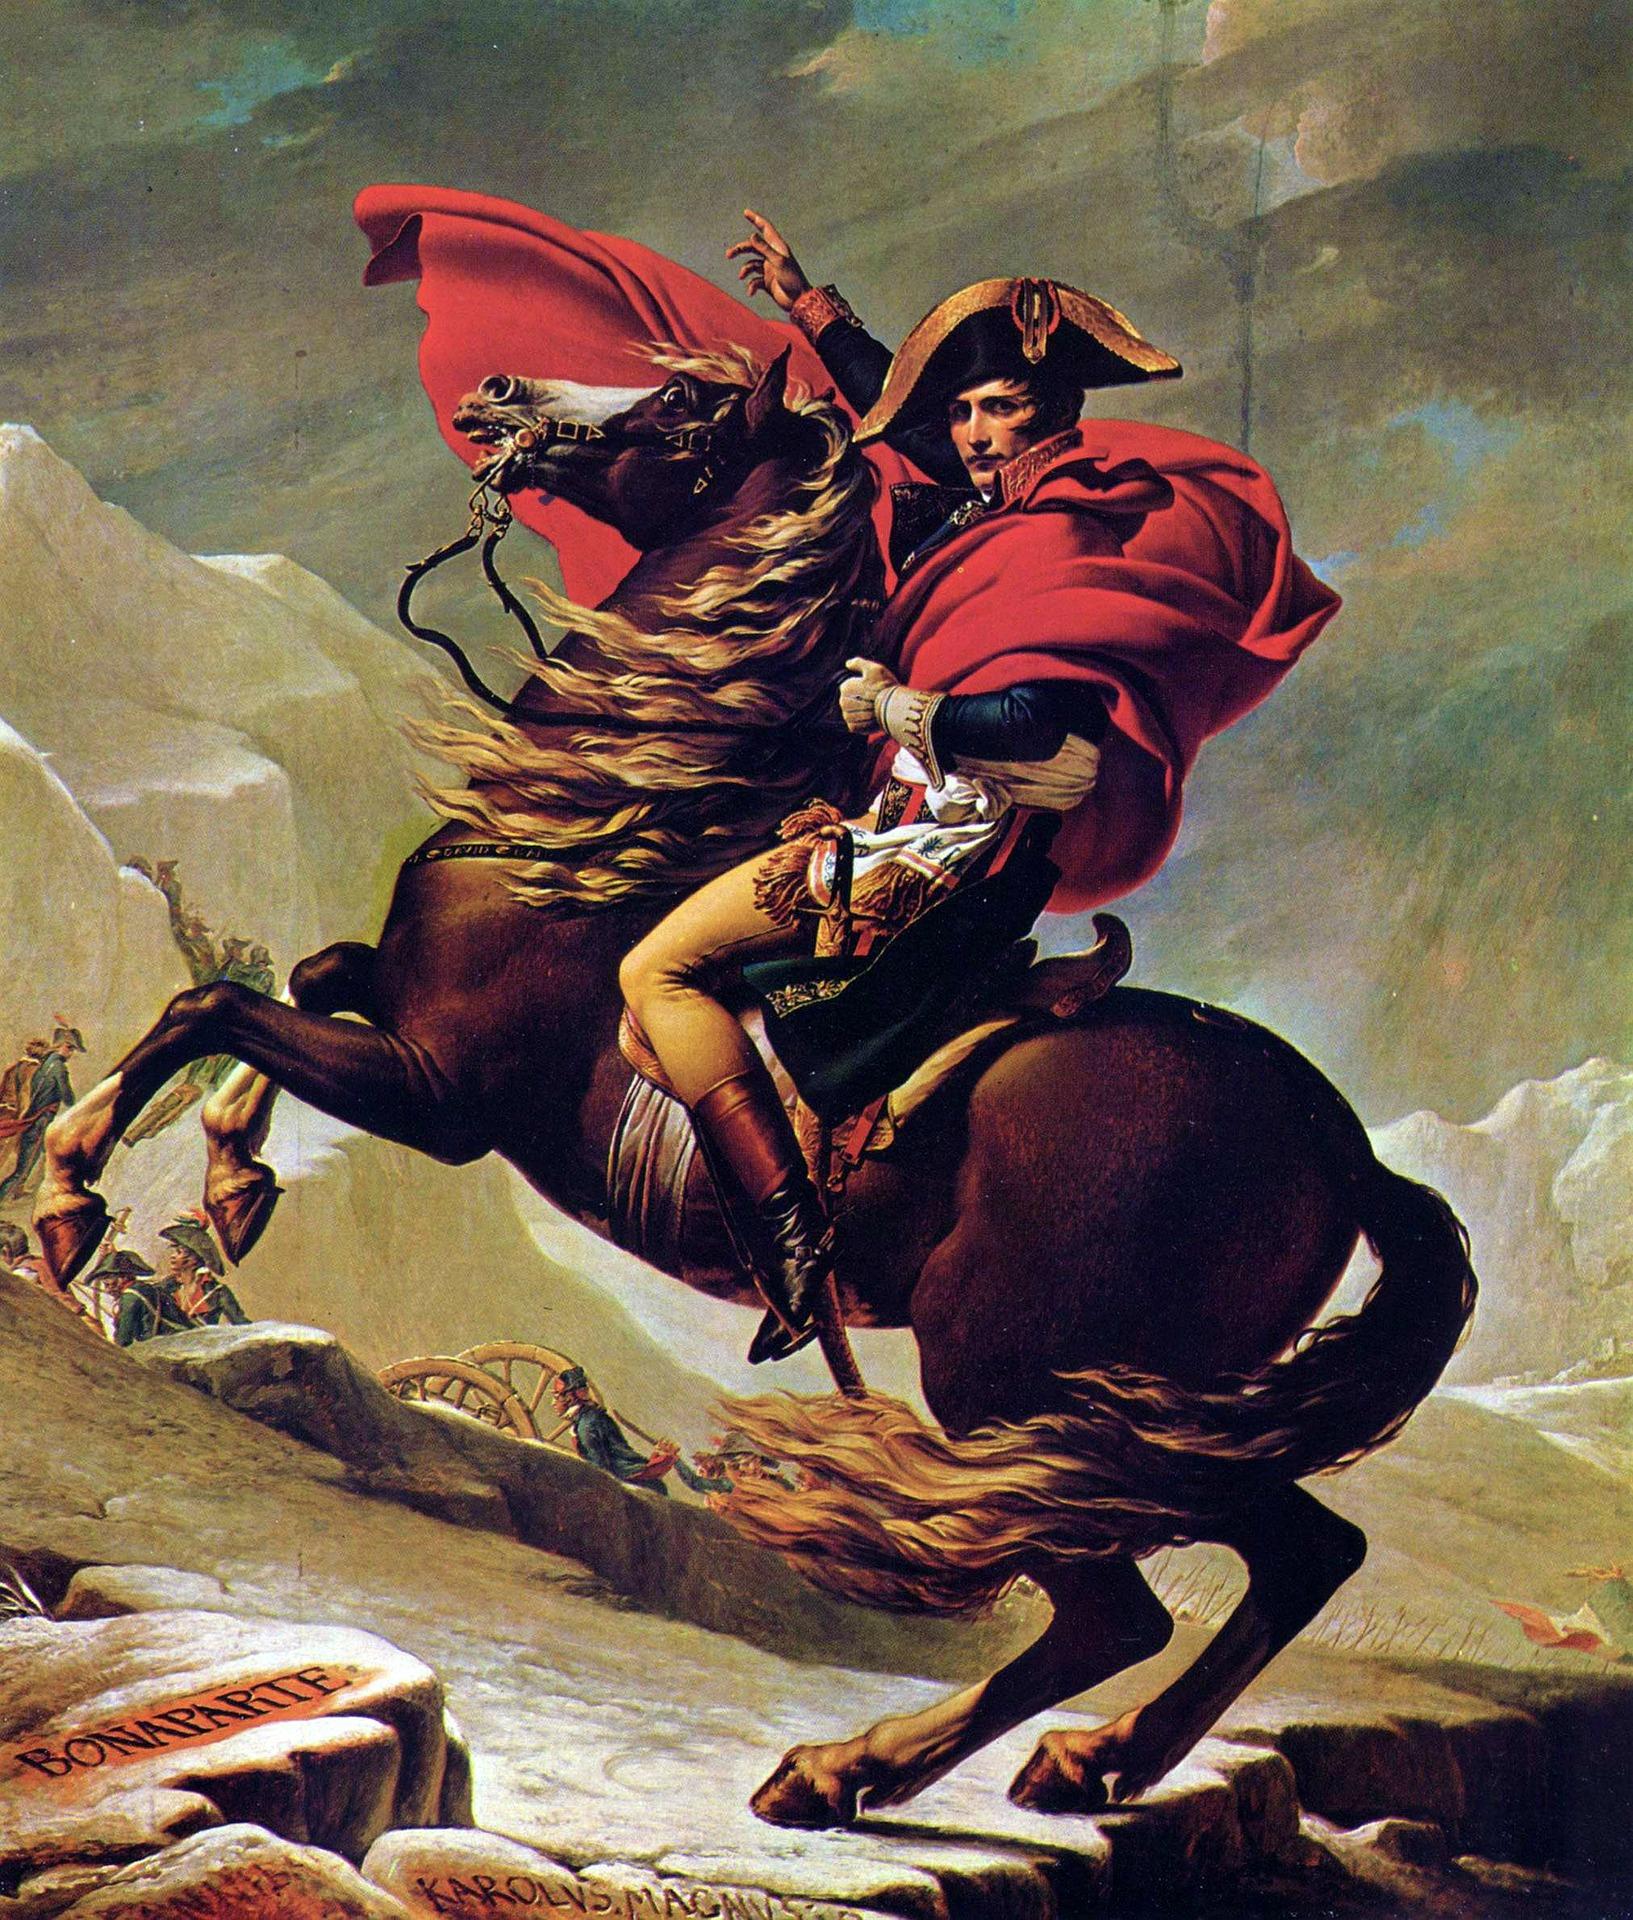 Napoléon combat mes acouphènes